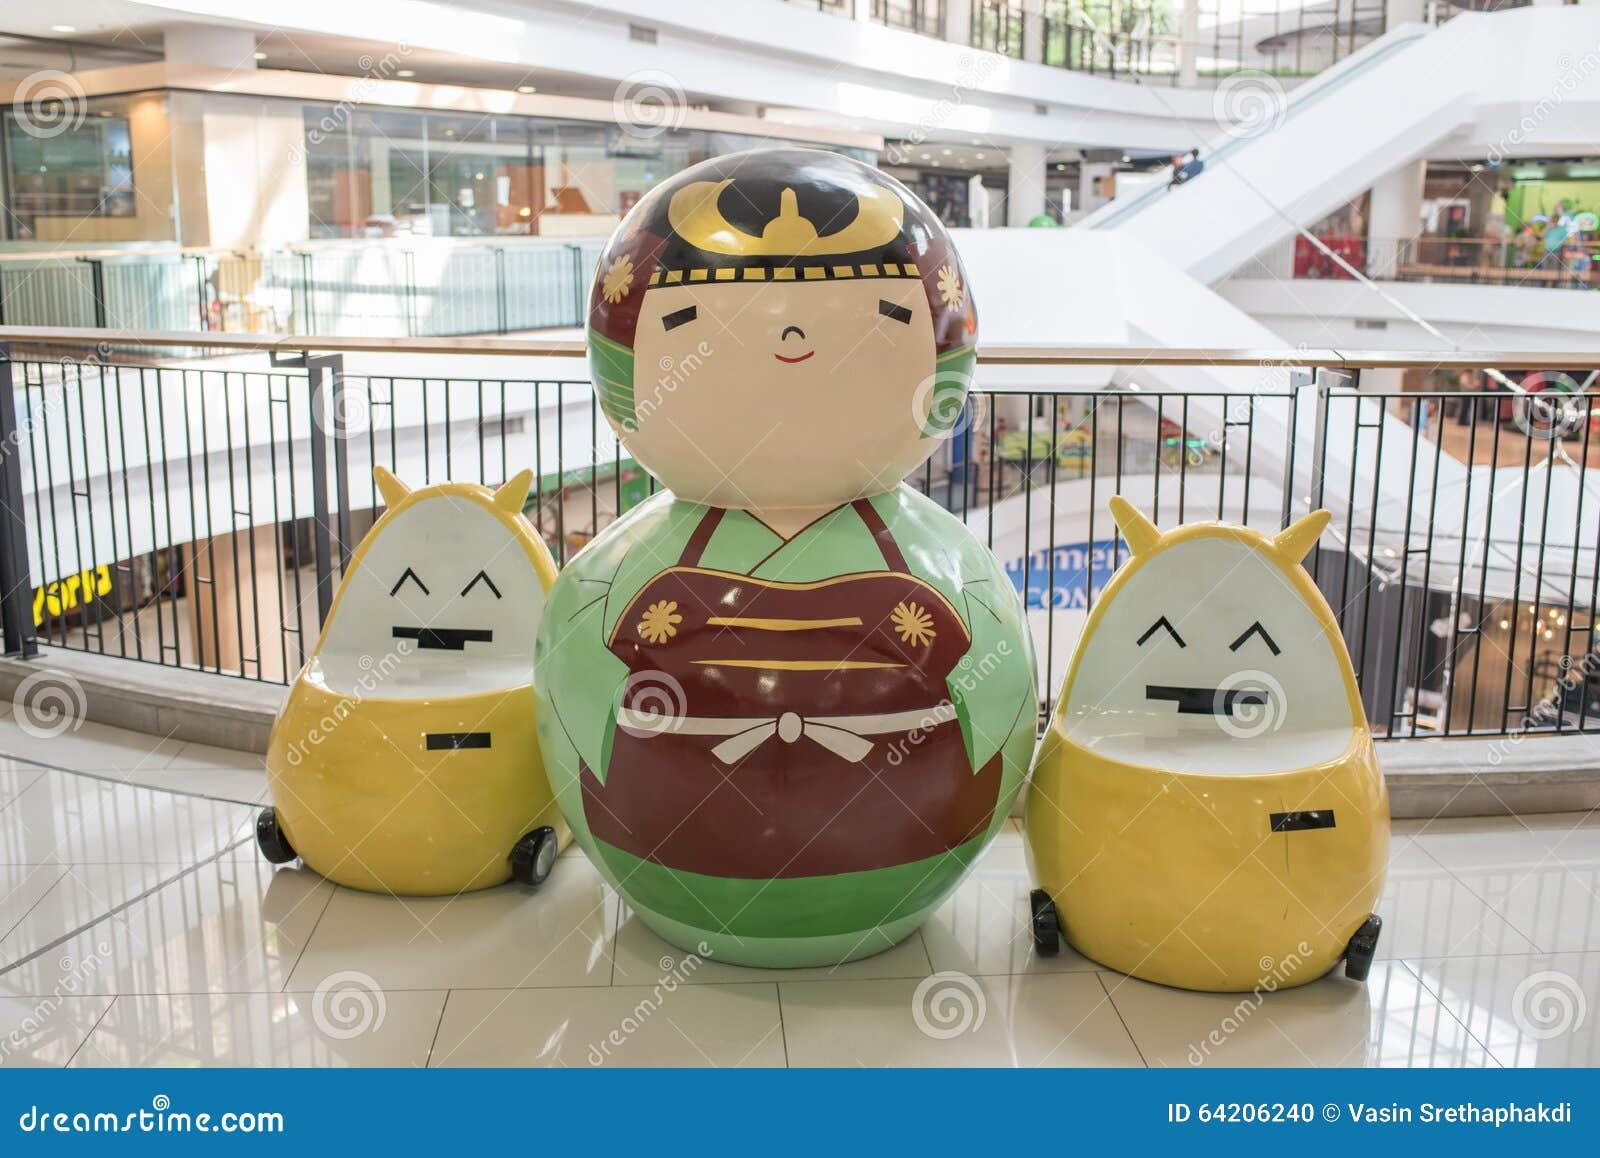 Muñecas japonesas grandes del kokeshi en los grandes almacenes de Ekamai de la entrada, una de las muñecas japonesas más famosas